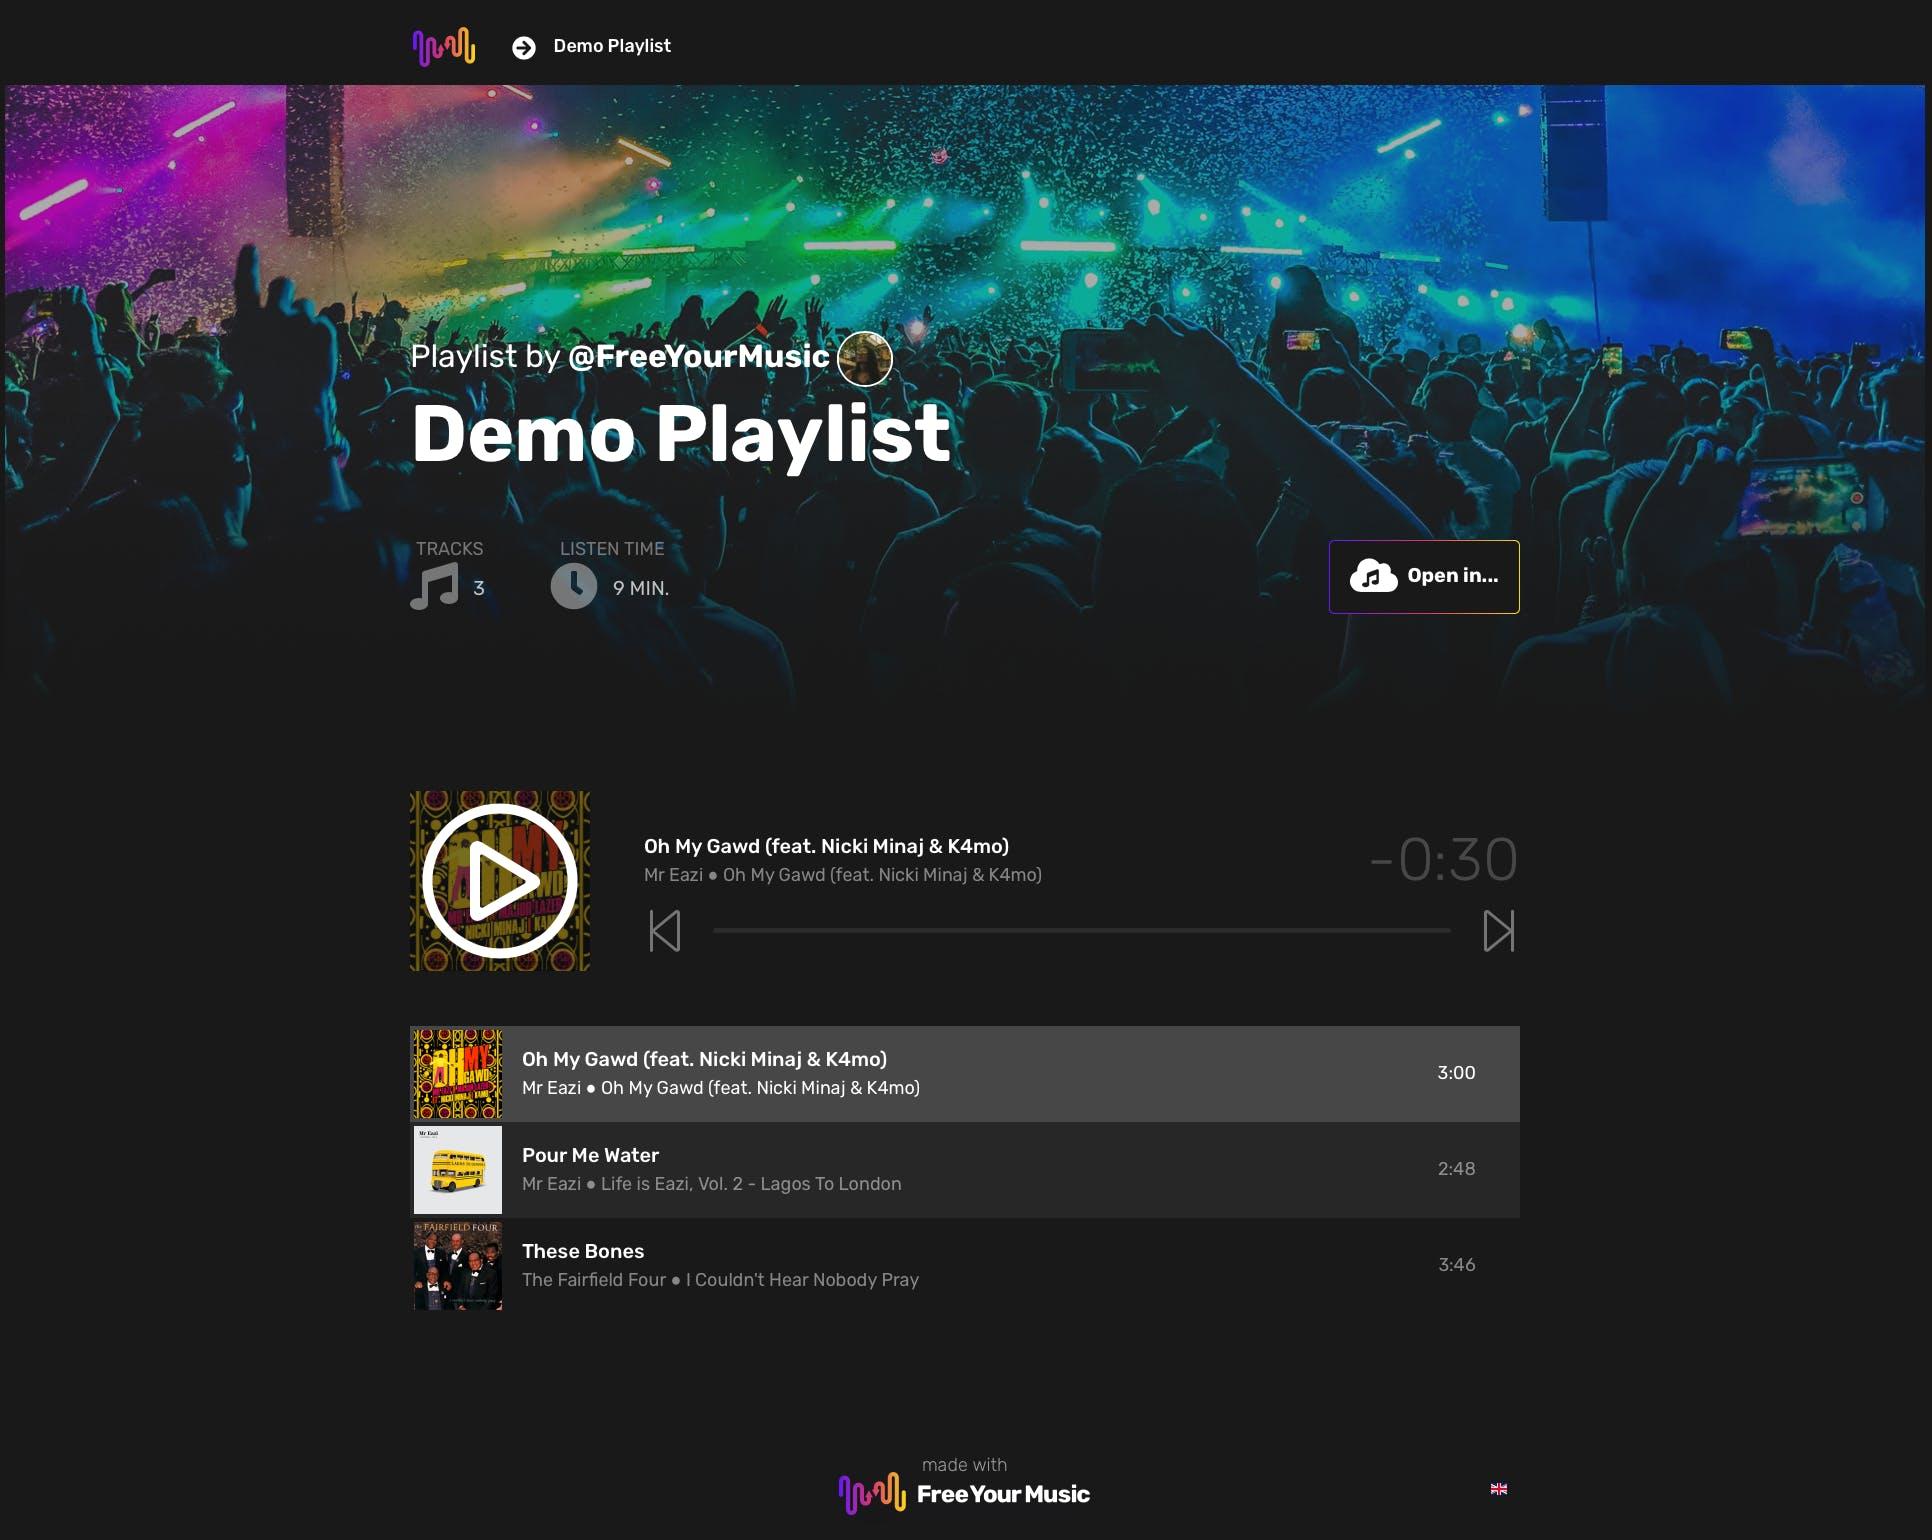 Promuj swoją muzykę na wszystkich platformach streamingowych za pomocą jednego smart linka. Kieruj fanów na elegancką stronę docelową, która pozwala im otwierać playlisty w ich ulubionej aplikacji do odtwarzania muzyki.